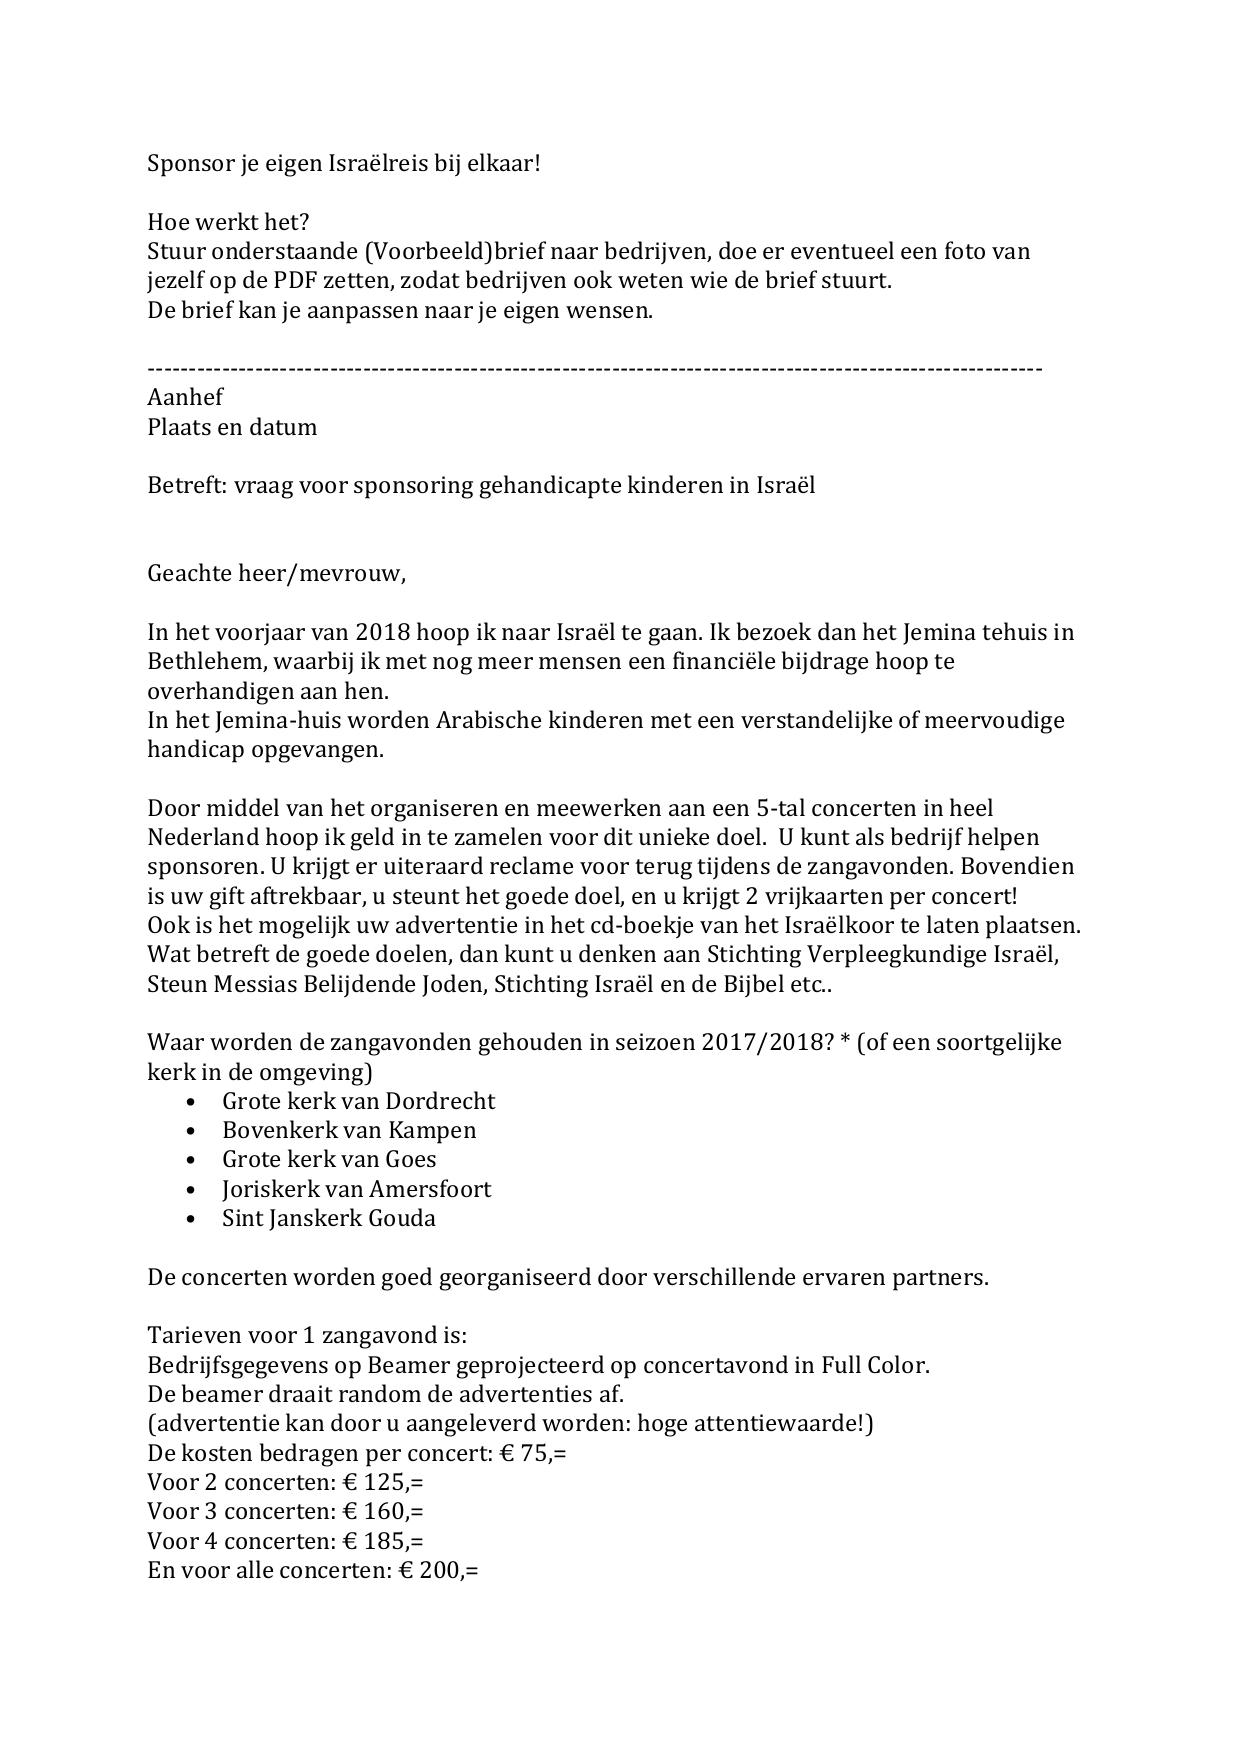 sponsor brief voorbeeld